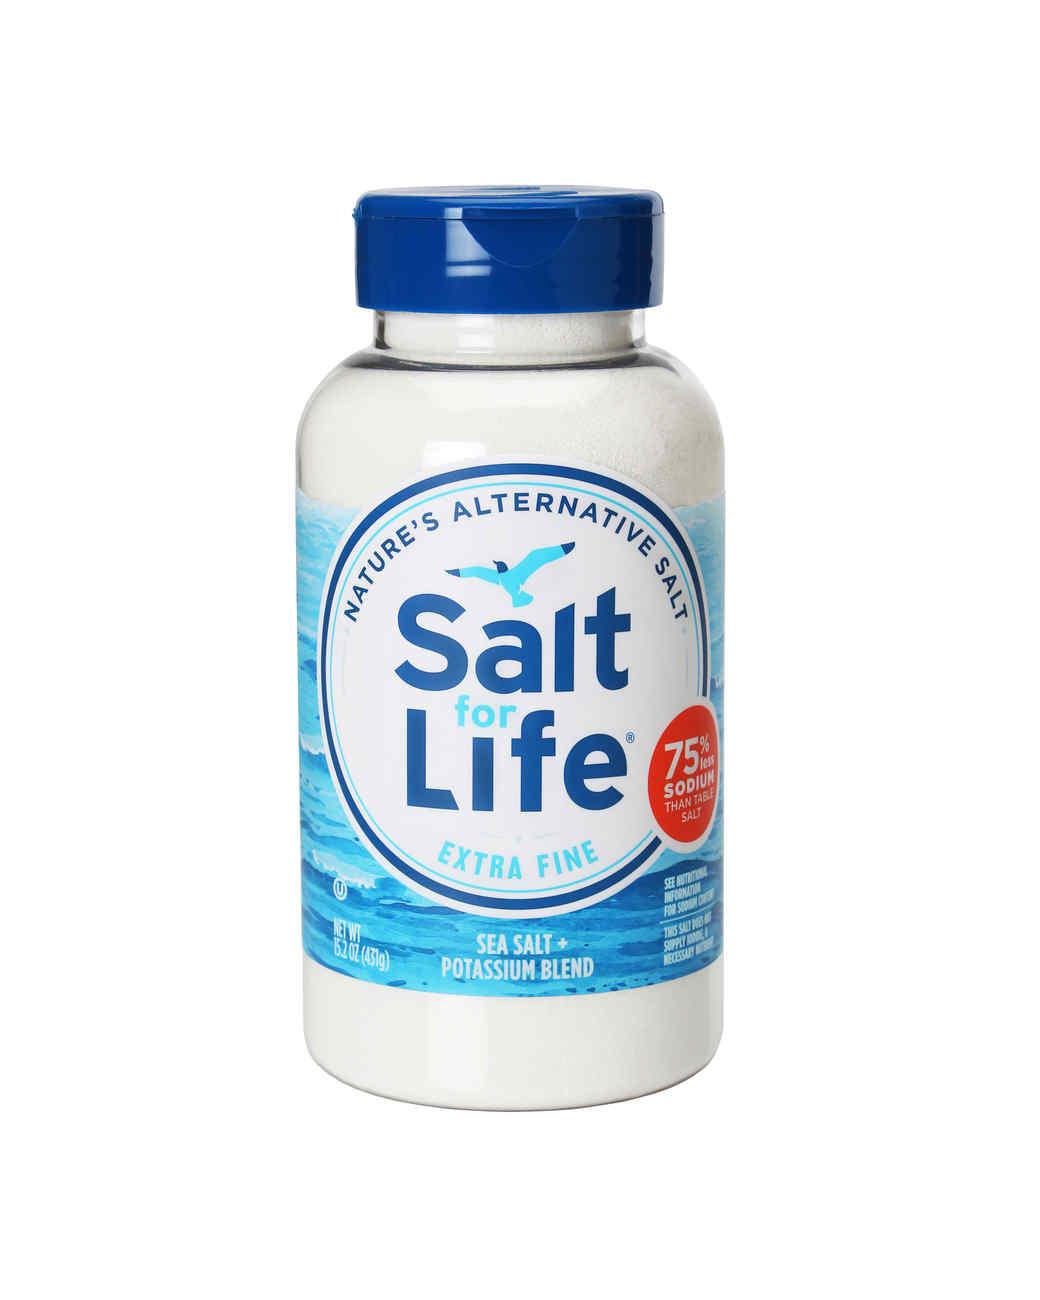 salt-for-life-0216.jpg